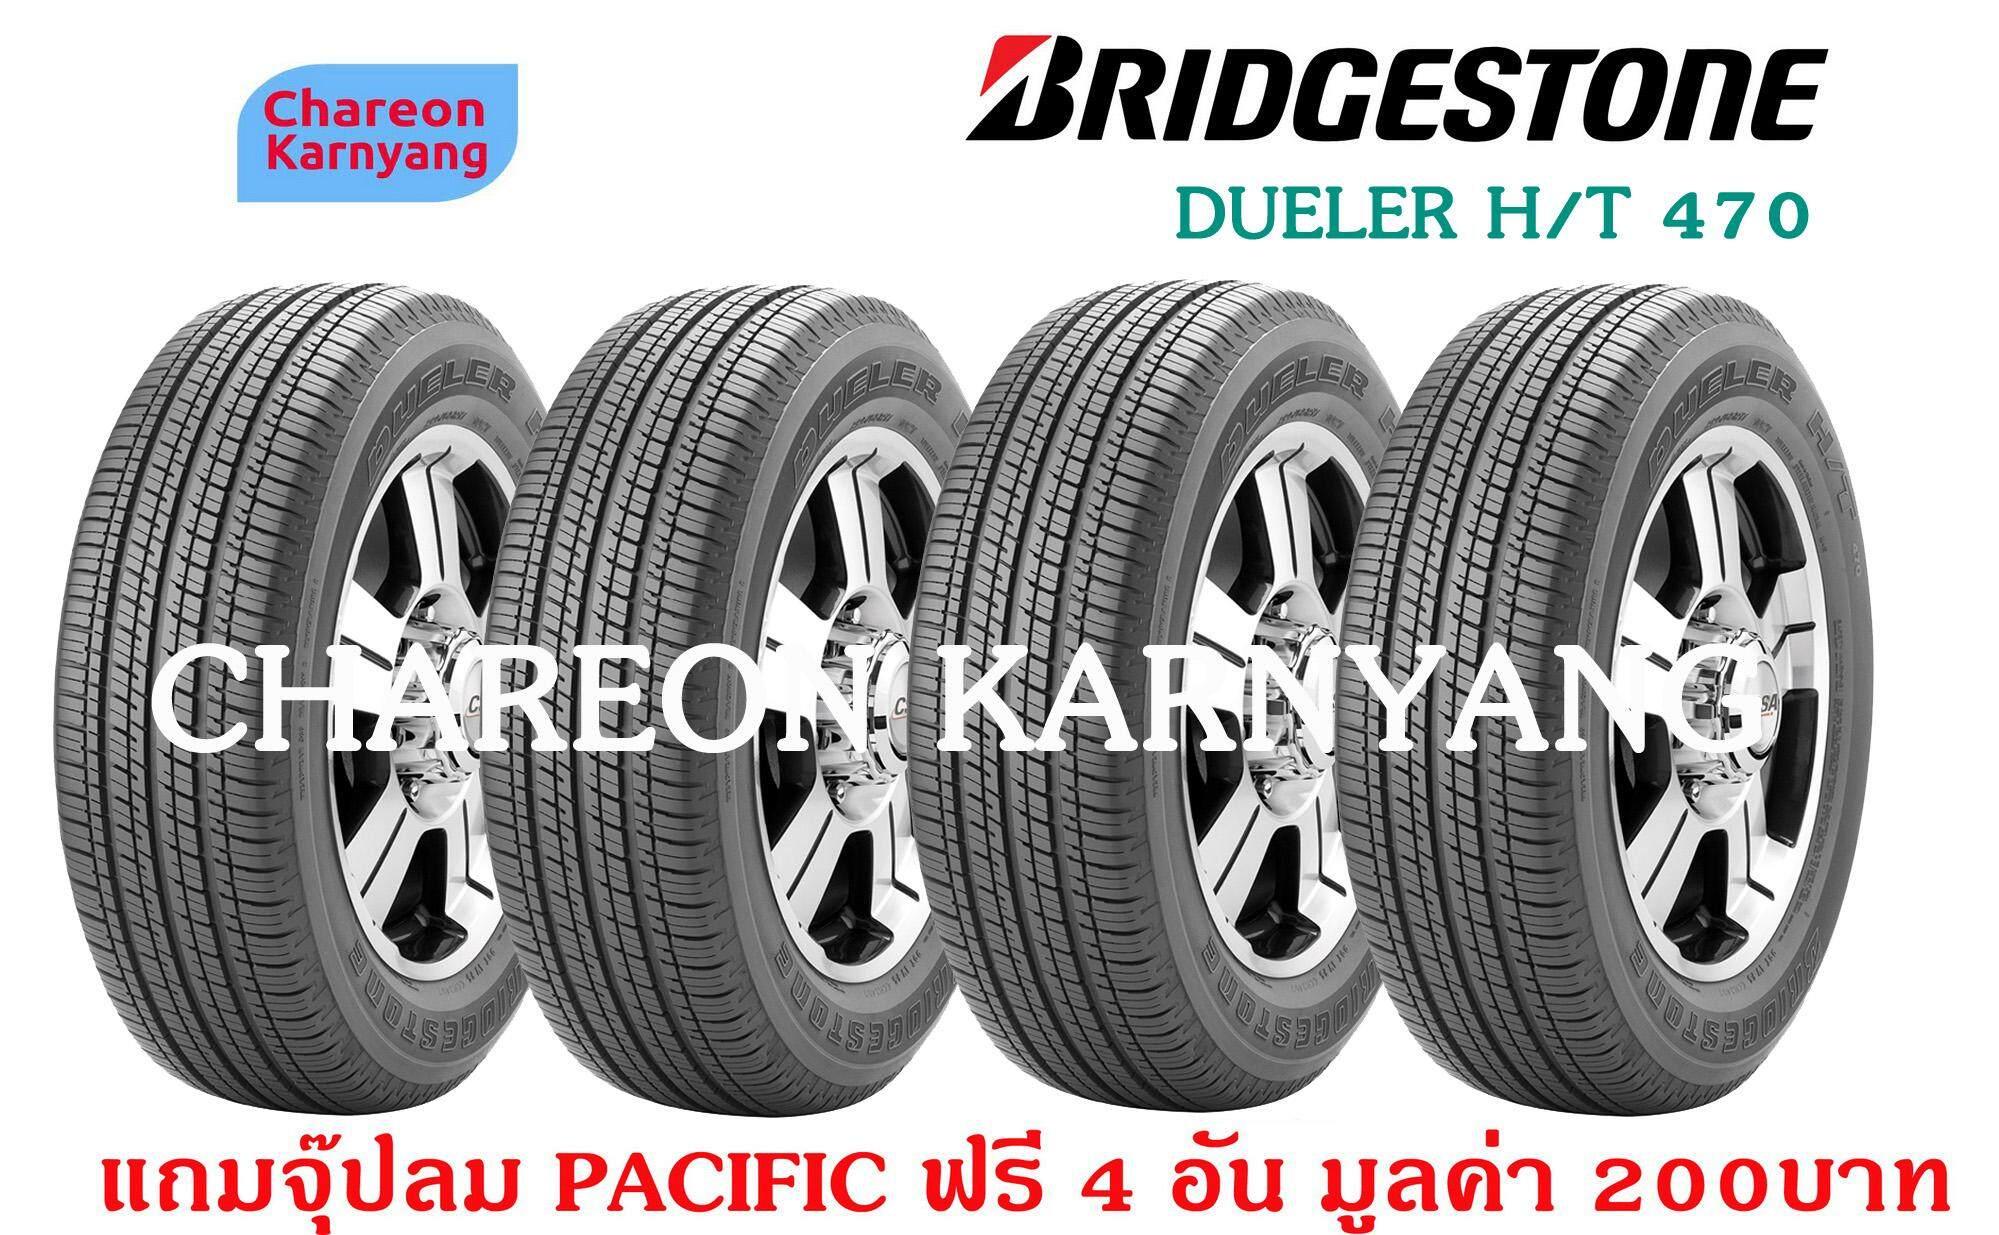 หนองคาย ยางรถยนต์  225/65R17 Bridgestone Dueler H/T 470 อินโด ปี 2019 (4 เส้น)